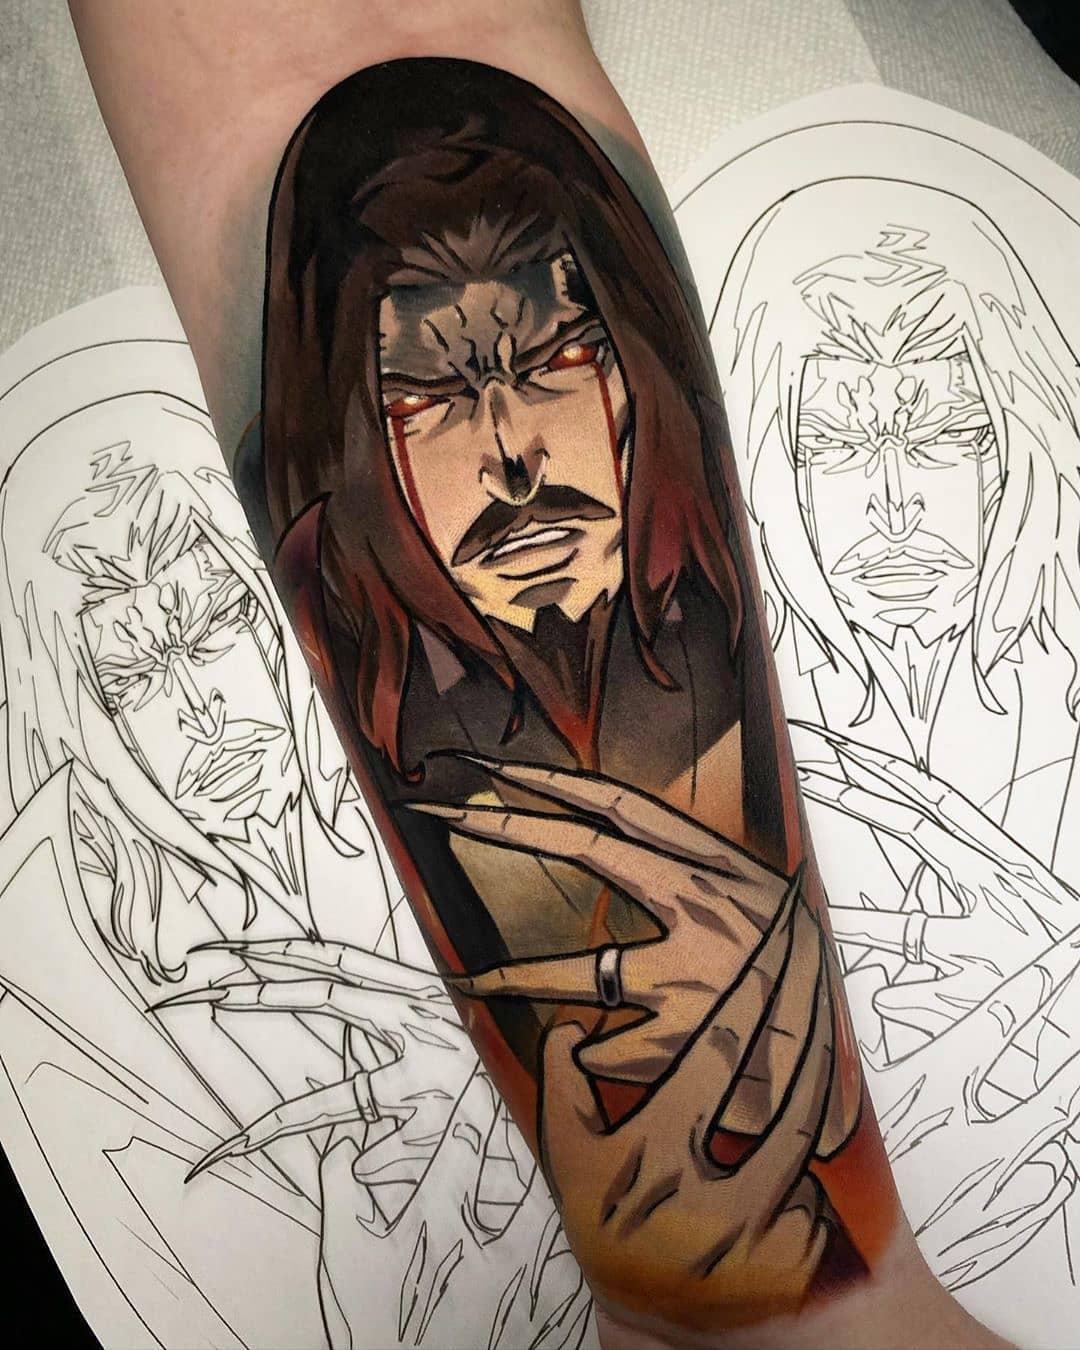 Coloured Dracula tattoo.